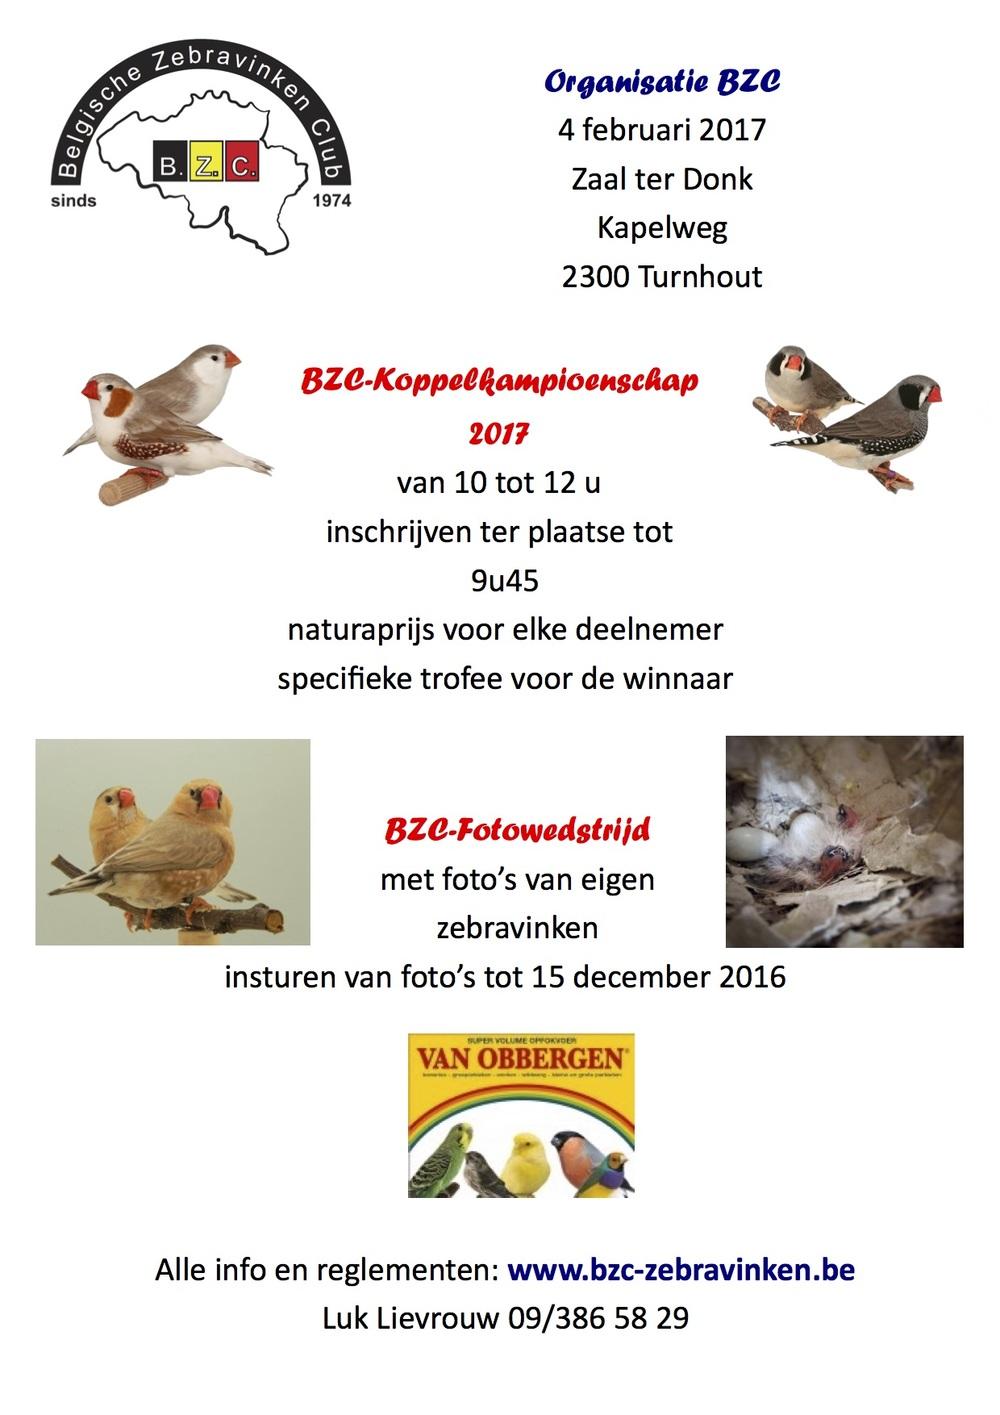 BZC Algemene vergadering met koppelshow en fotowedstrijd